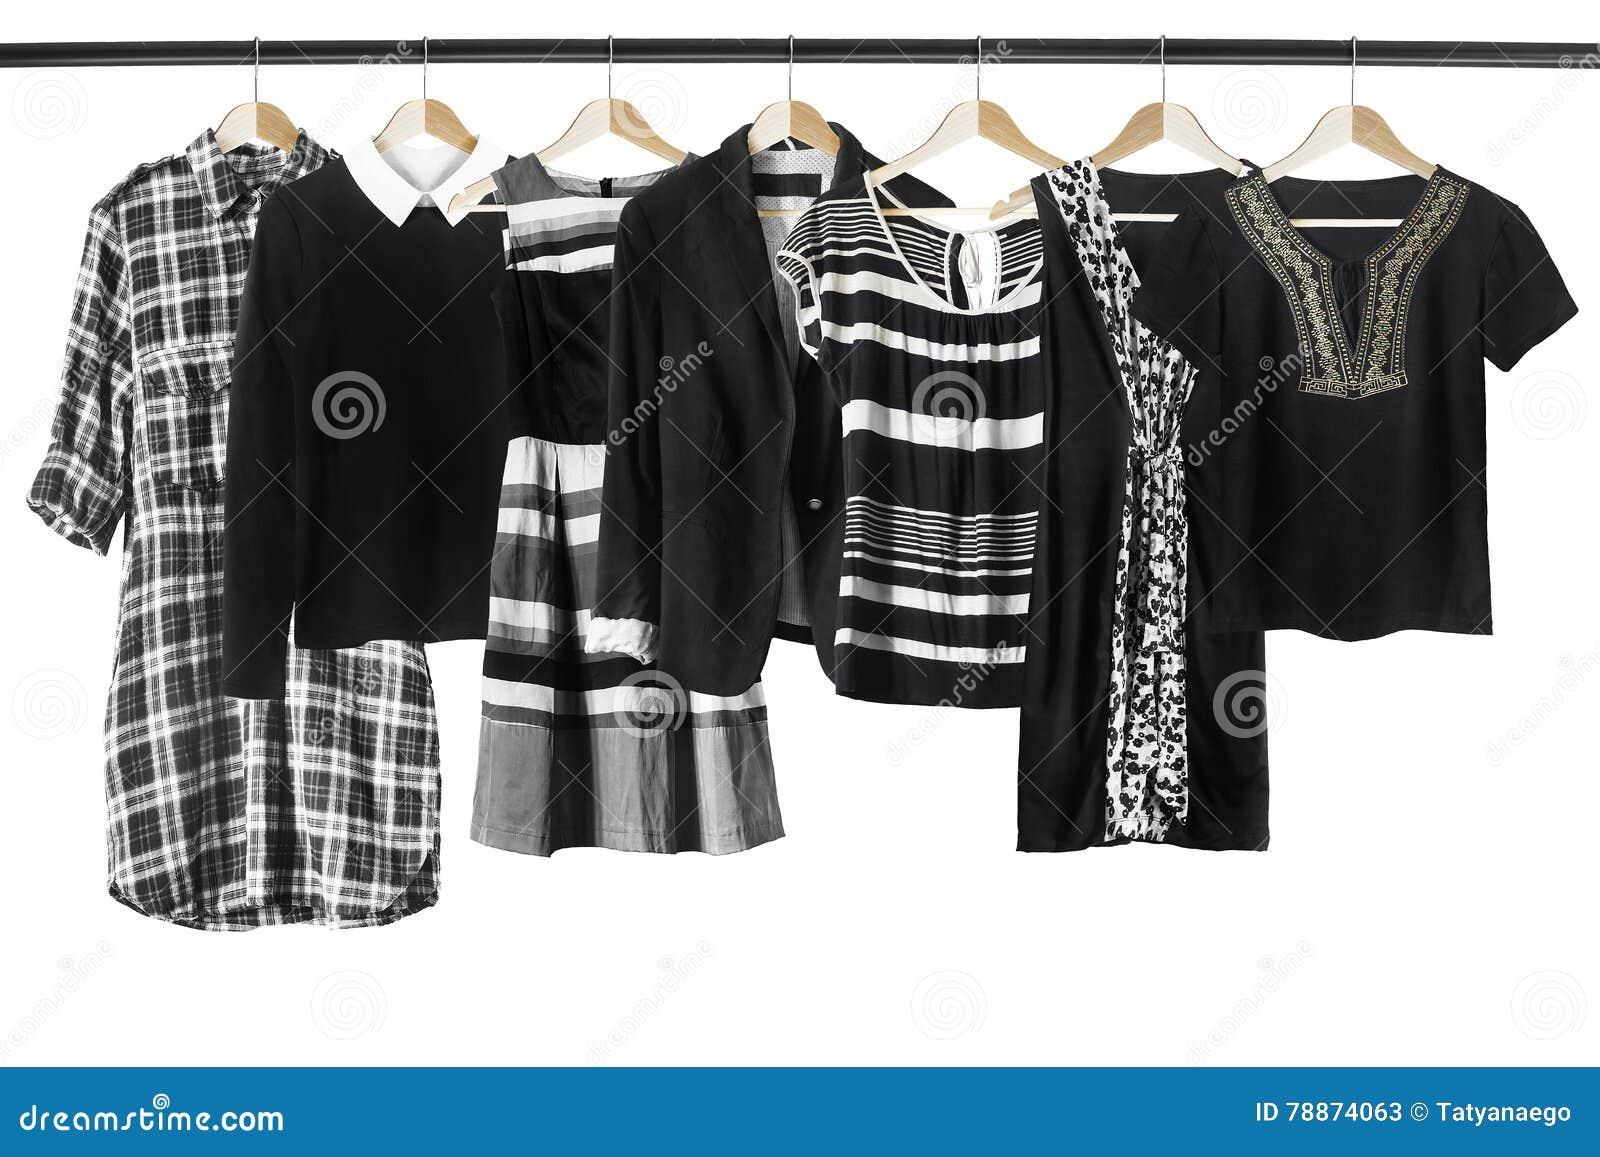 2f11a400f5 Ropa blanco y negro imagen de archivo. Imagen de fashionable - 78874063